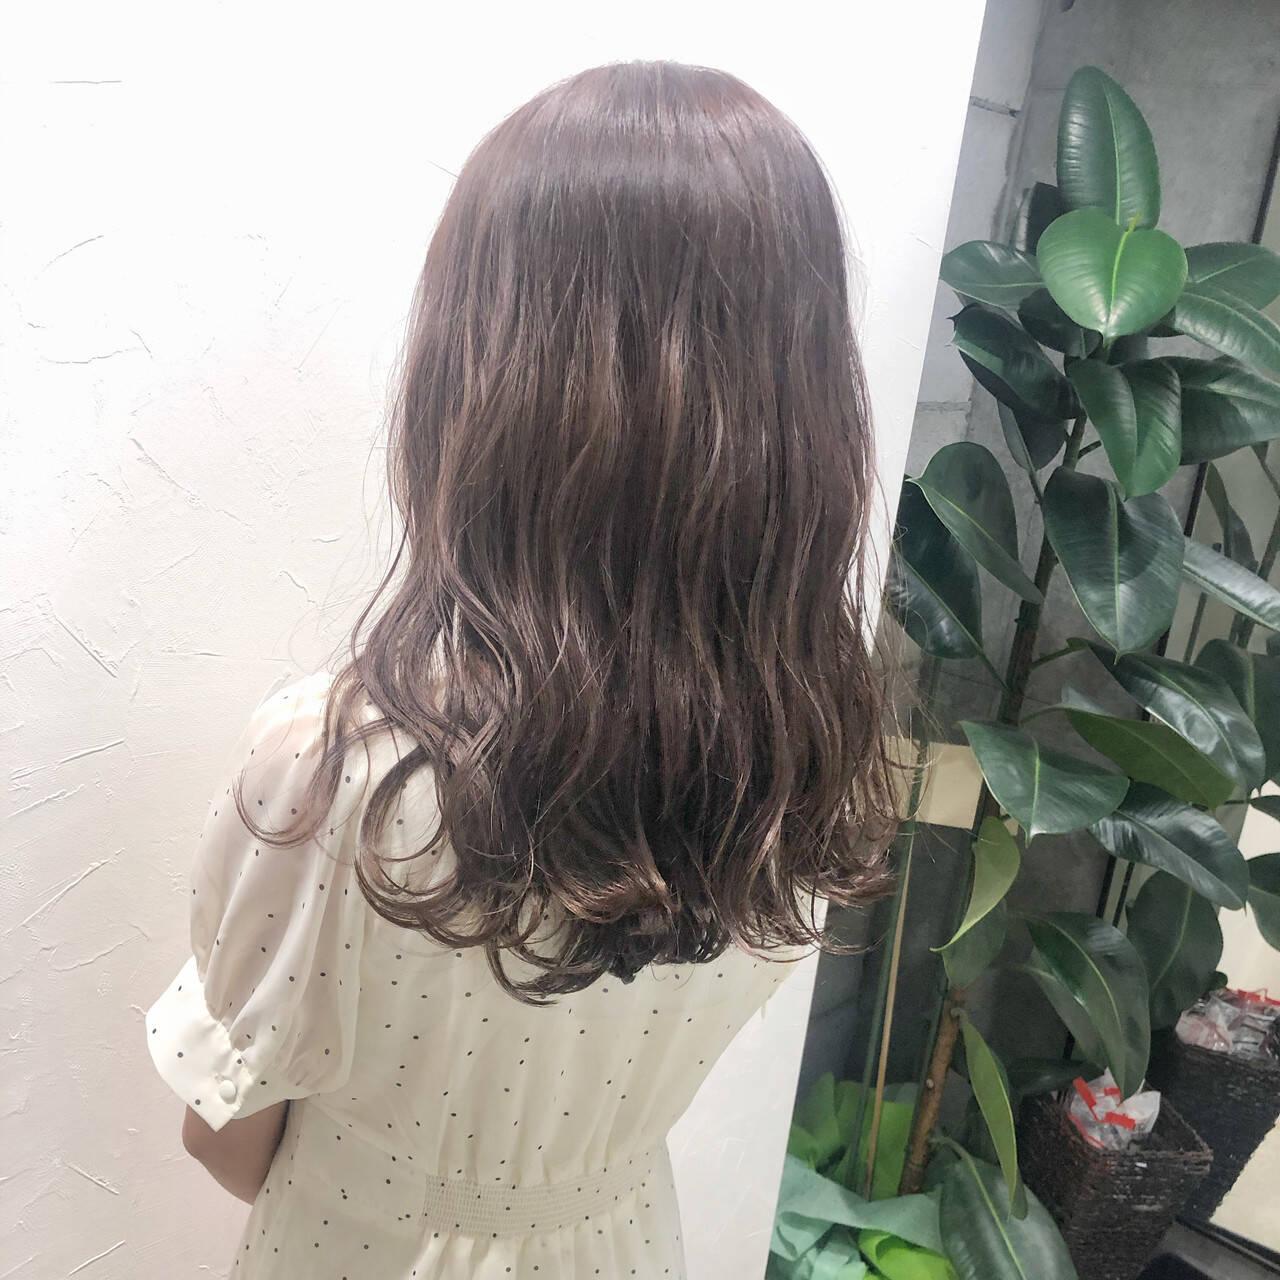 ミルクティーブラウン ブランジュ 透け感ヘア ミルクティーベージュヘアスタイルや髪型の写真・画像